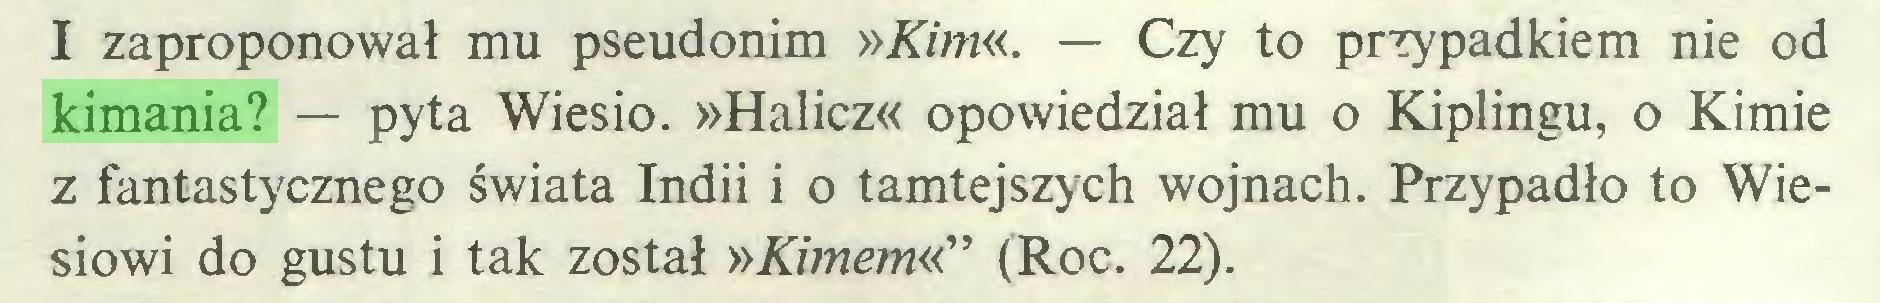 """(...) I zaproponował mu pseudonim »Kim«. — Czy to przypadkiem nie od kimania? — pyta Wiesio. »Halicz« opowiedział mu o Kiplingu, o Kimie z fantastycznego świata Indii i o tamtejszych wojnach. Przypadło to Wiesiowi do gustu i tak został »Kimem«"""" (Roc. 22)..."""